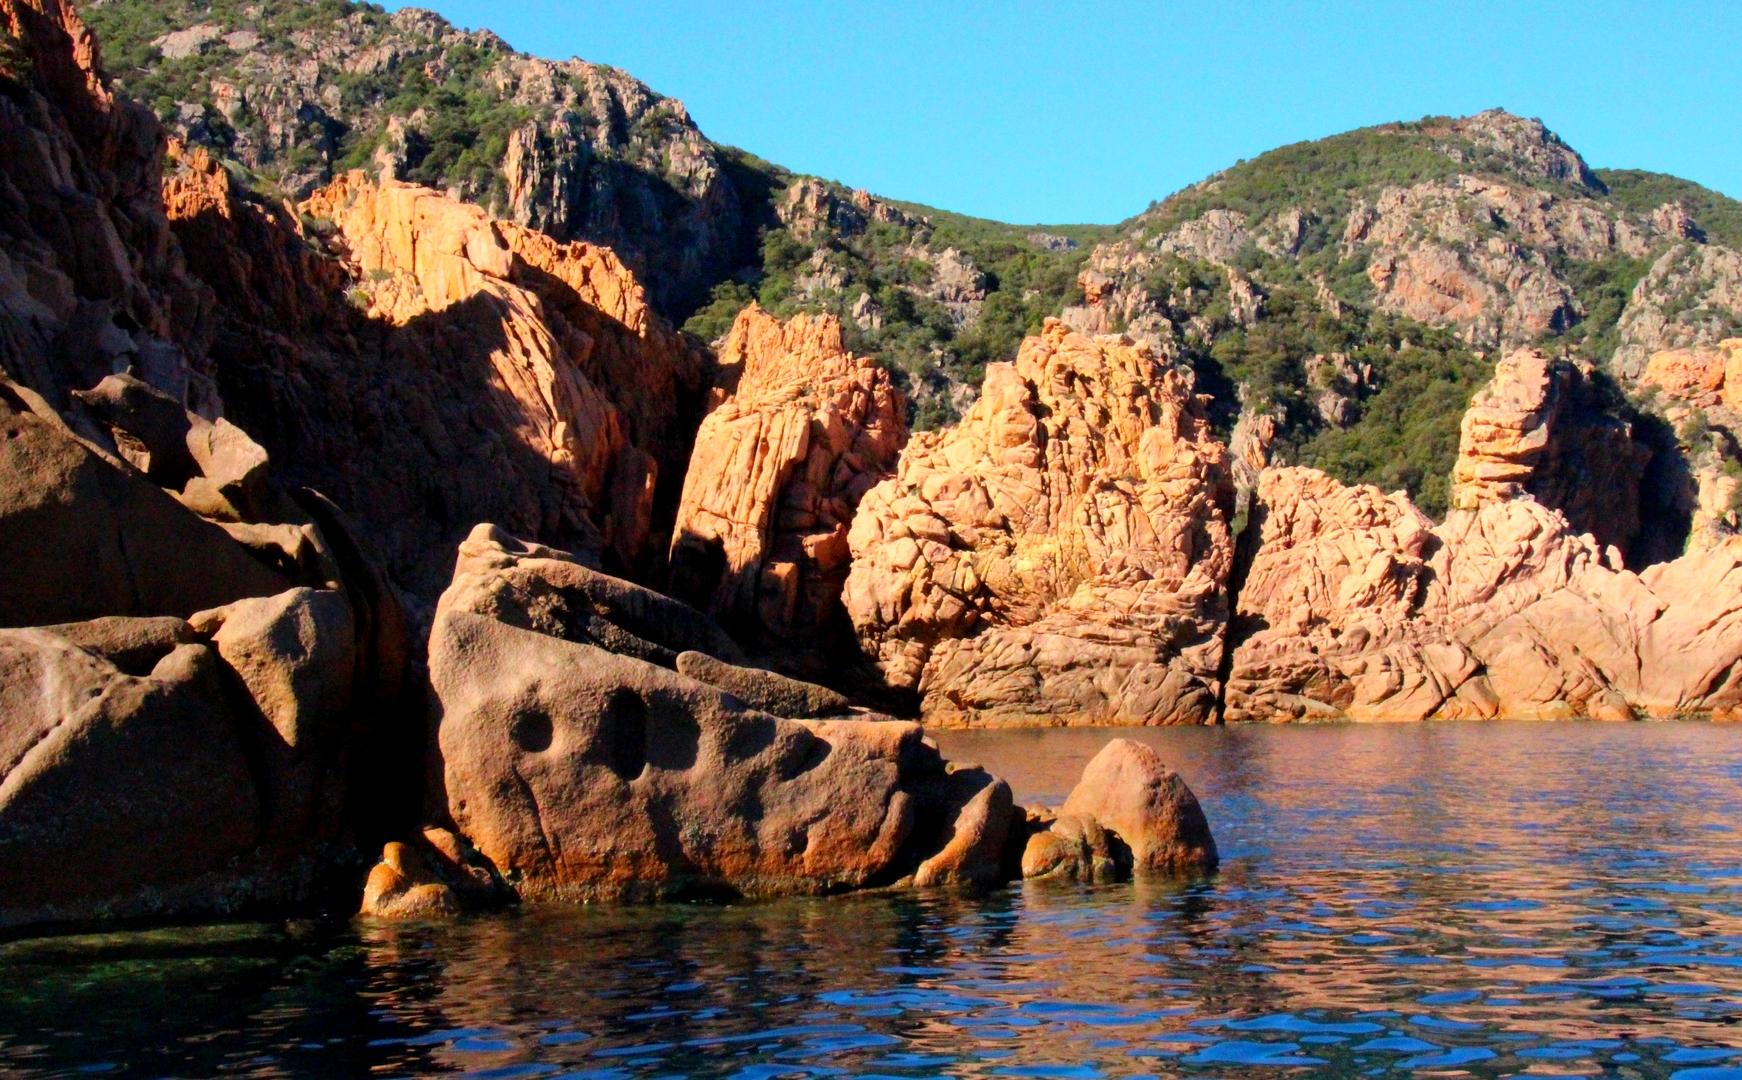 Corse - Calanches de Piana et réserve de Scandola à Porto